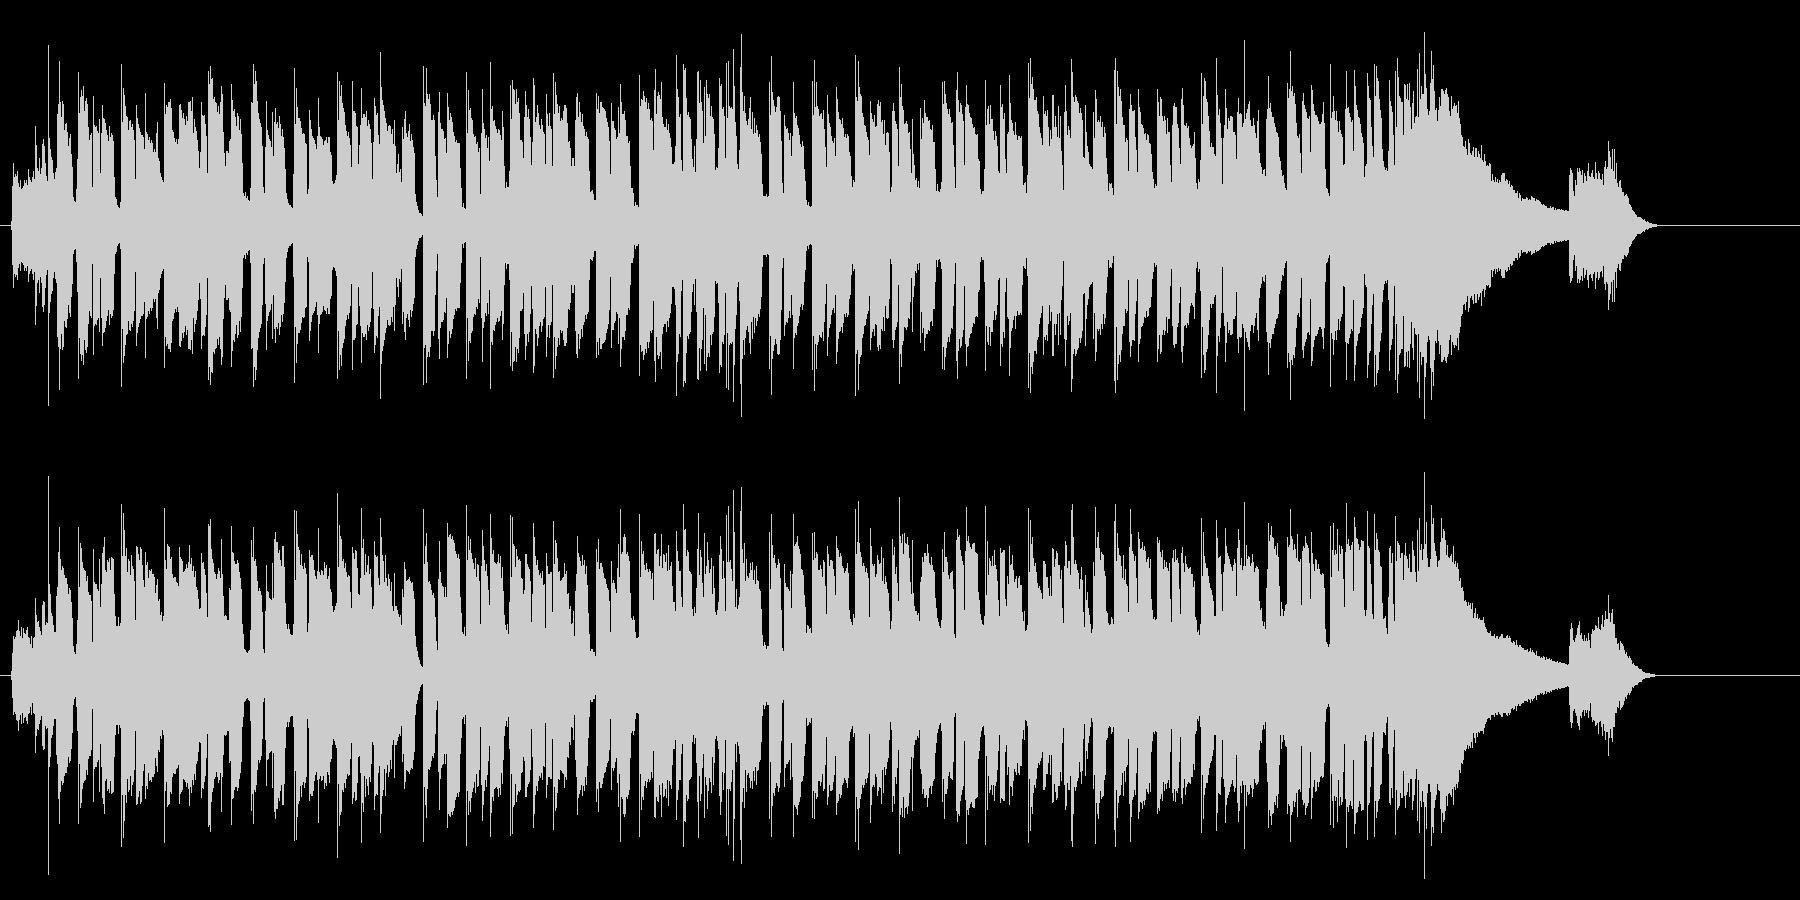 ちょっとコミカルなブルースの未再生の波形